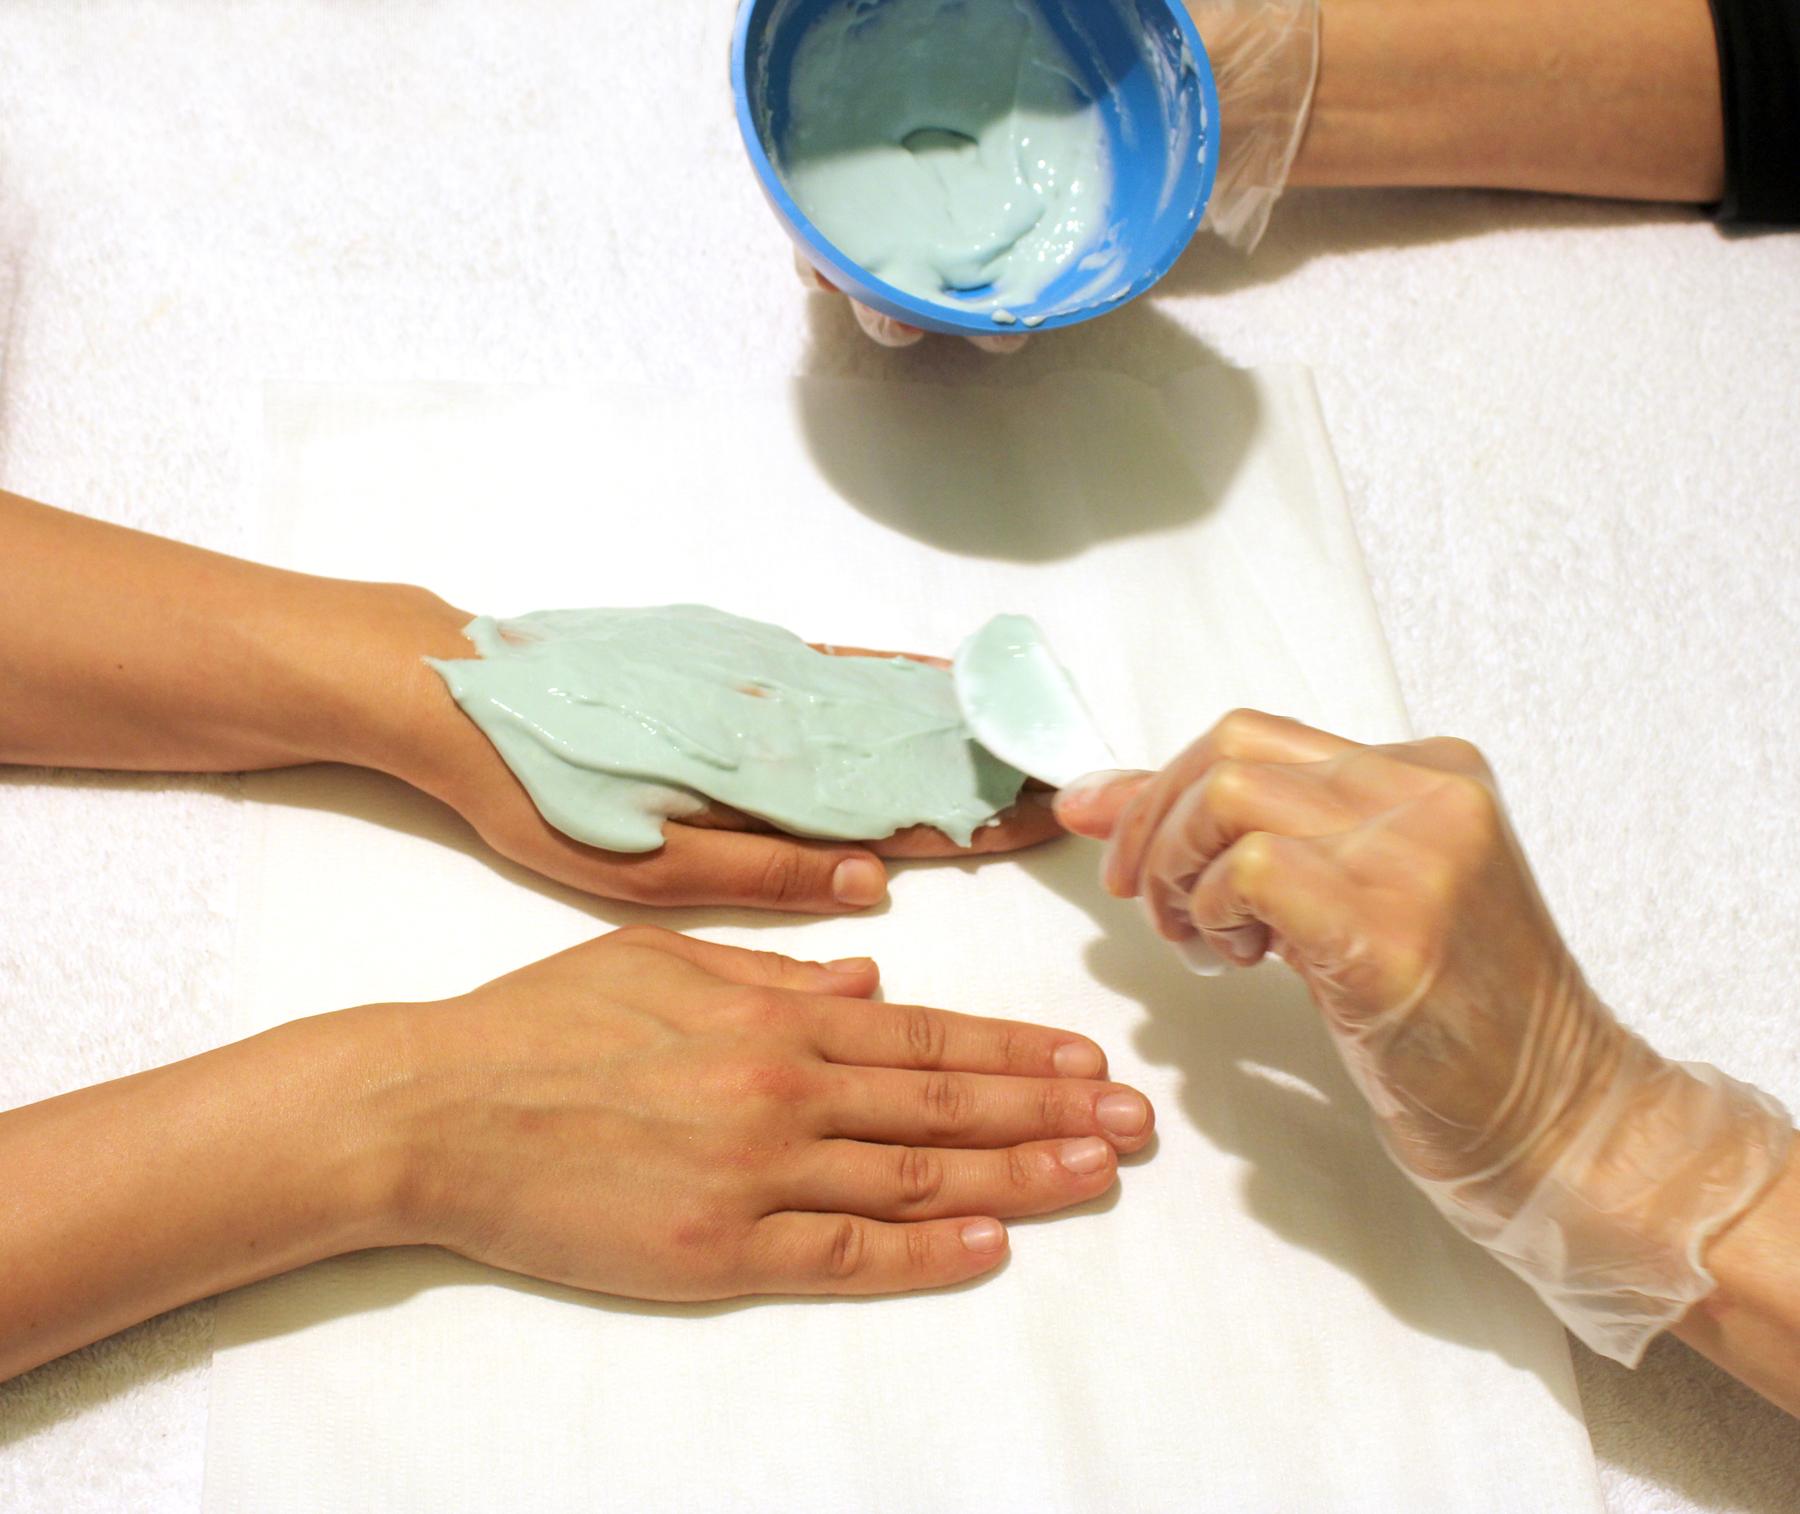 hands anti aging ile ilgili görsel sonucu